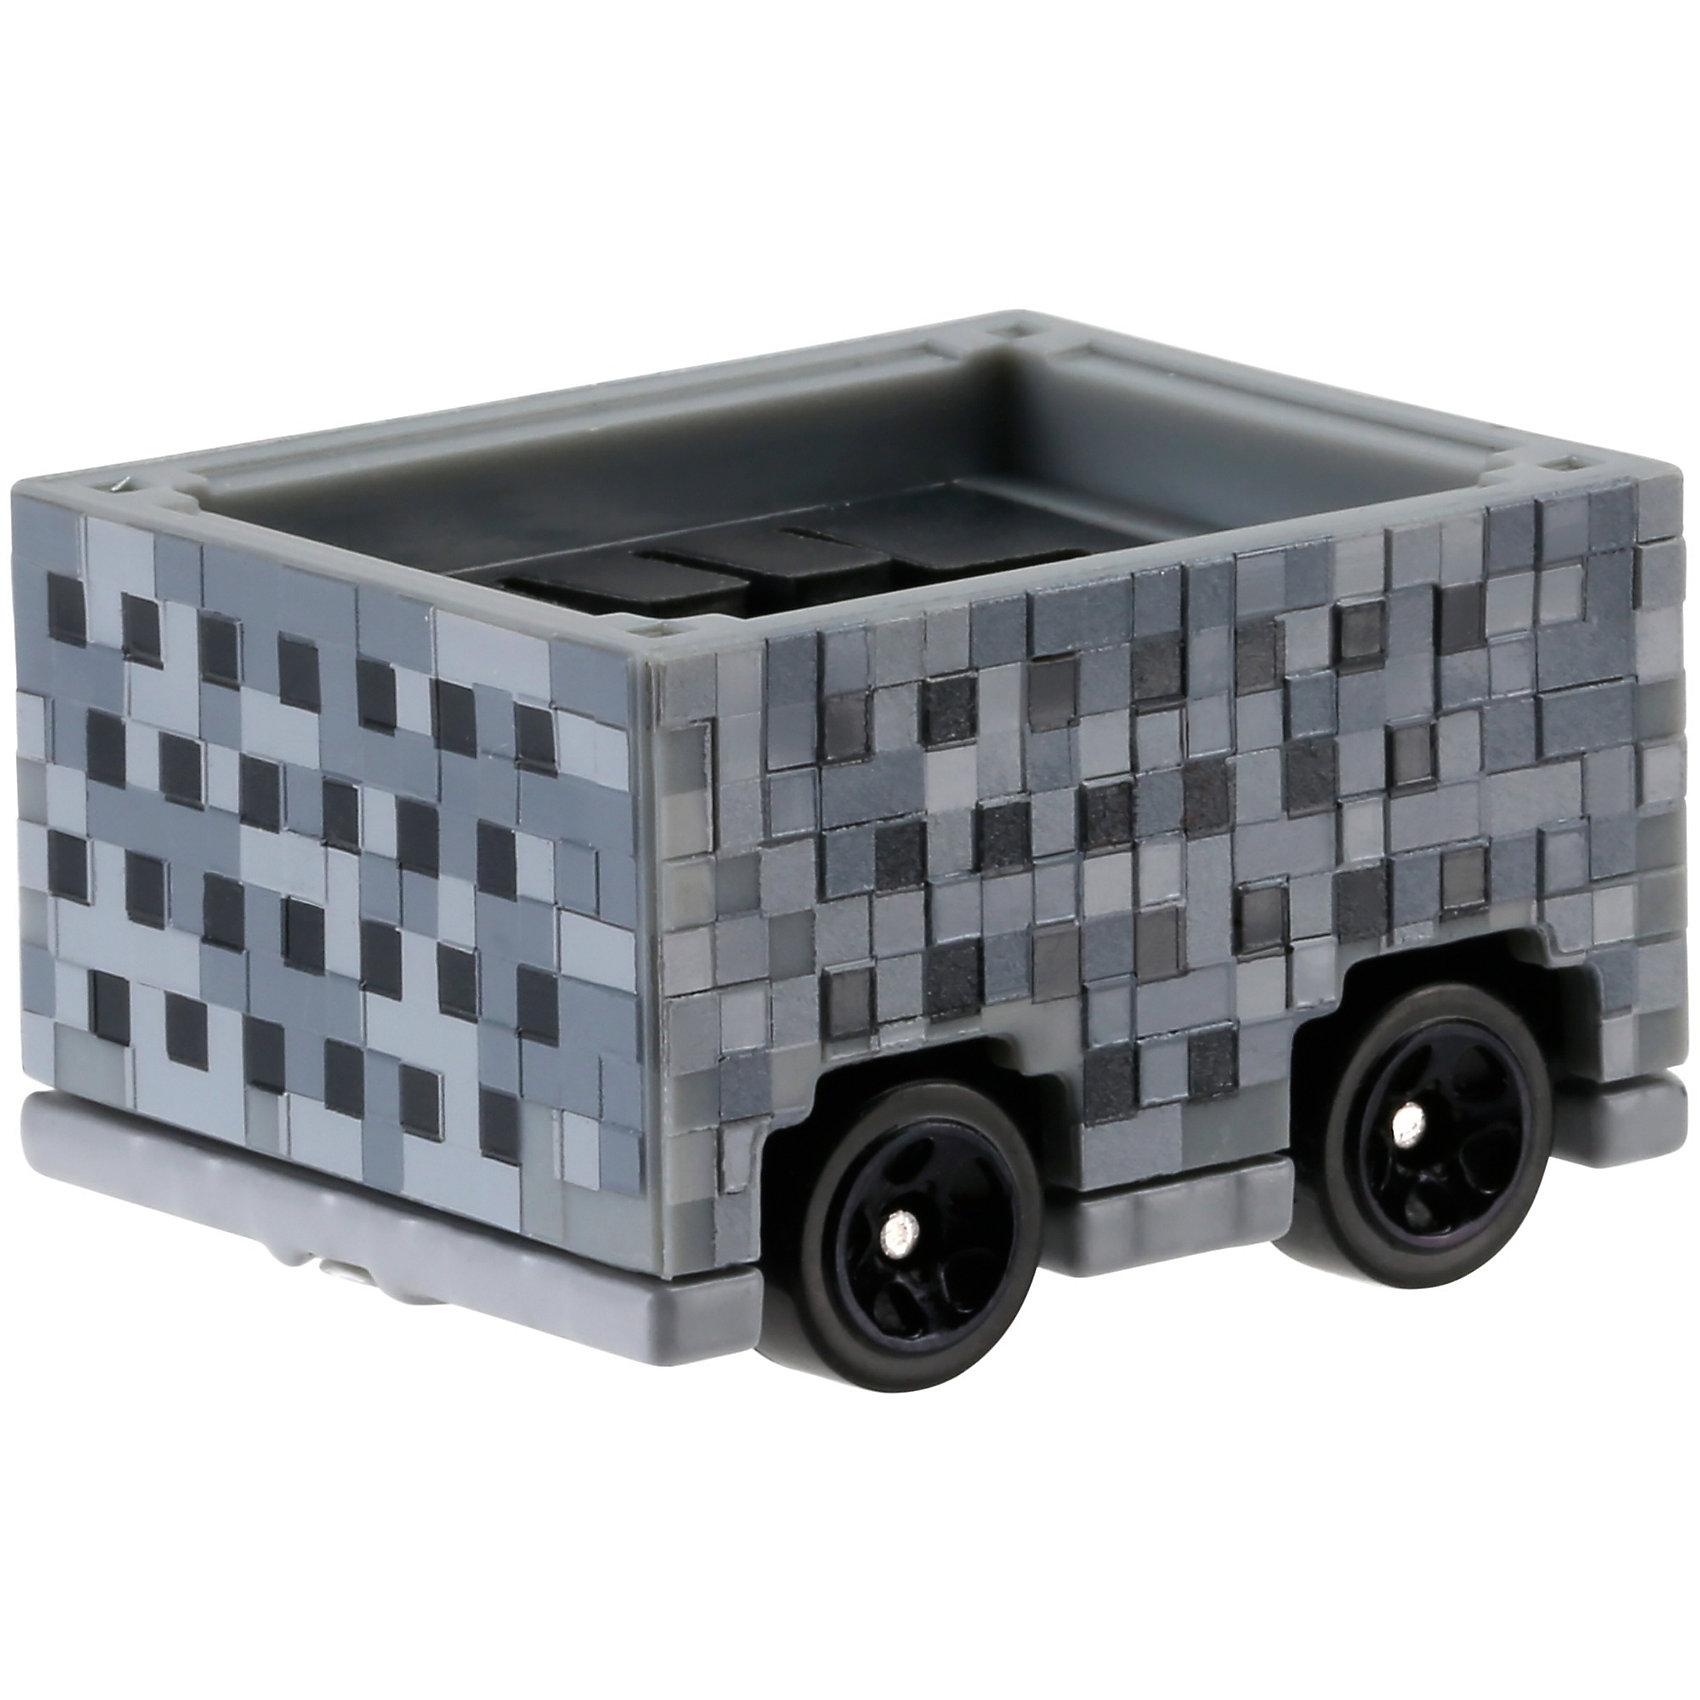 Машинка Hot Wheels из базовой коллекцииПопулярные игрушки<br>Машинка Hot Wheels из базовой коллекции – высококачественная масштабная модель машины, имеющая неординарный, радикальный дизайн. <br><br>В упаковке 1 машинка,  машинки тематически обусловлены от фантазийных, спасательных до экстремальных и просто скоростных машин. <br><br>Соберите свою коллекцию машинок Hot Wheels!<br><br>Дополнительная информация: <br><br>Машинка стандартного размера Hot Wheels<br>Размер упаковки: 11 х 10,5 х 3,5 см<br><br>Ширина мм: 110<br>Глубина мм: 45<br>Высота мм: 110<br>Вес г: 30<br>Возраст от месяцев: 36<br>Возраст до месяцев: 96<br>Пол: Мужской<br>Возраст: Детский<br>SKU: 4901775